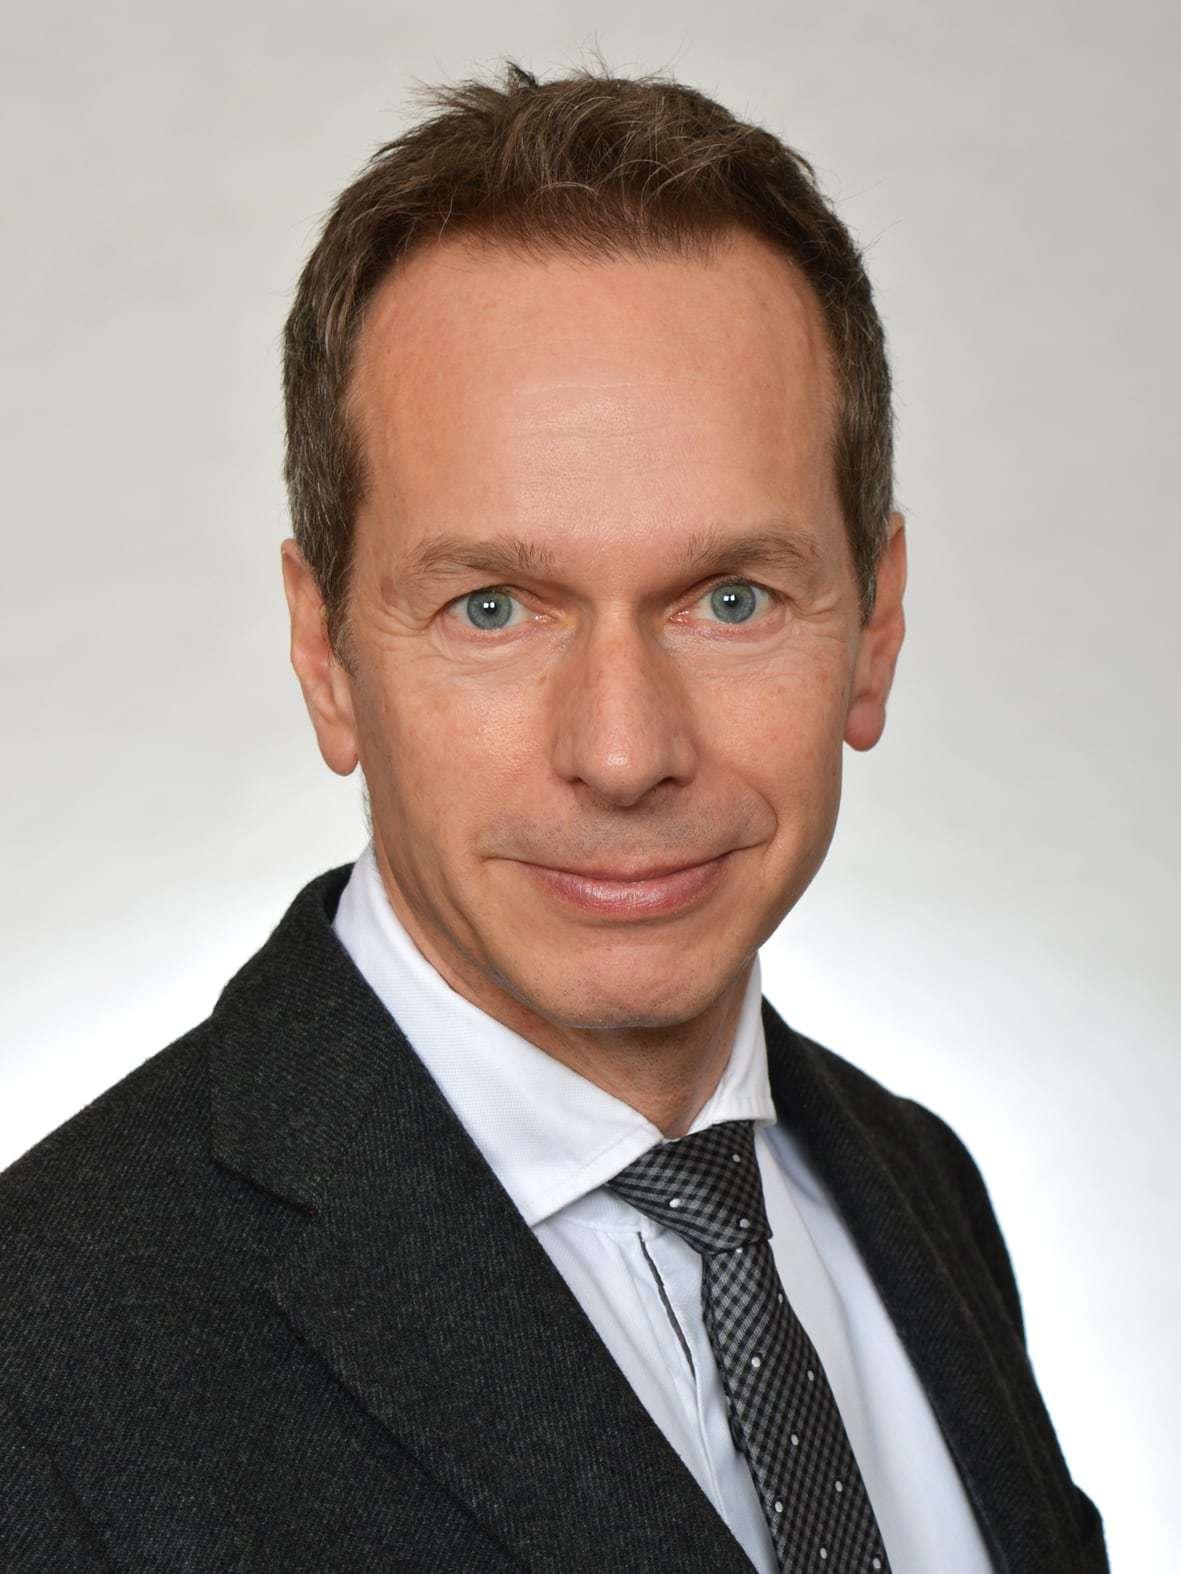 Hubert Dufner